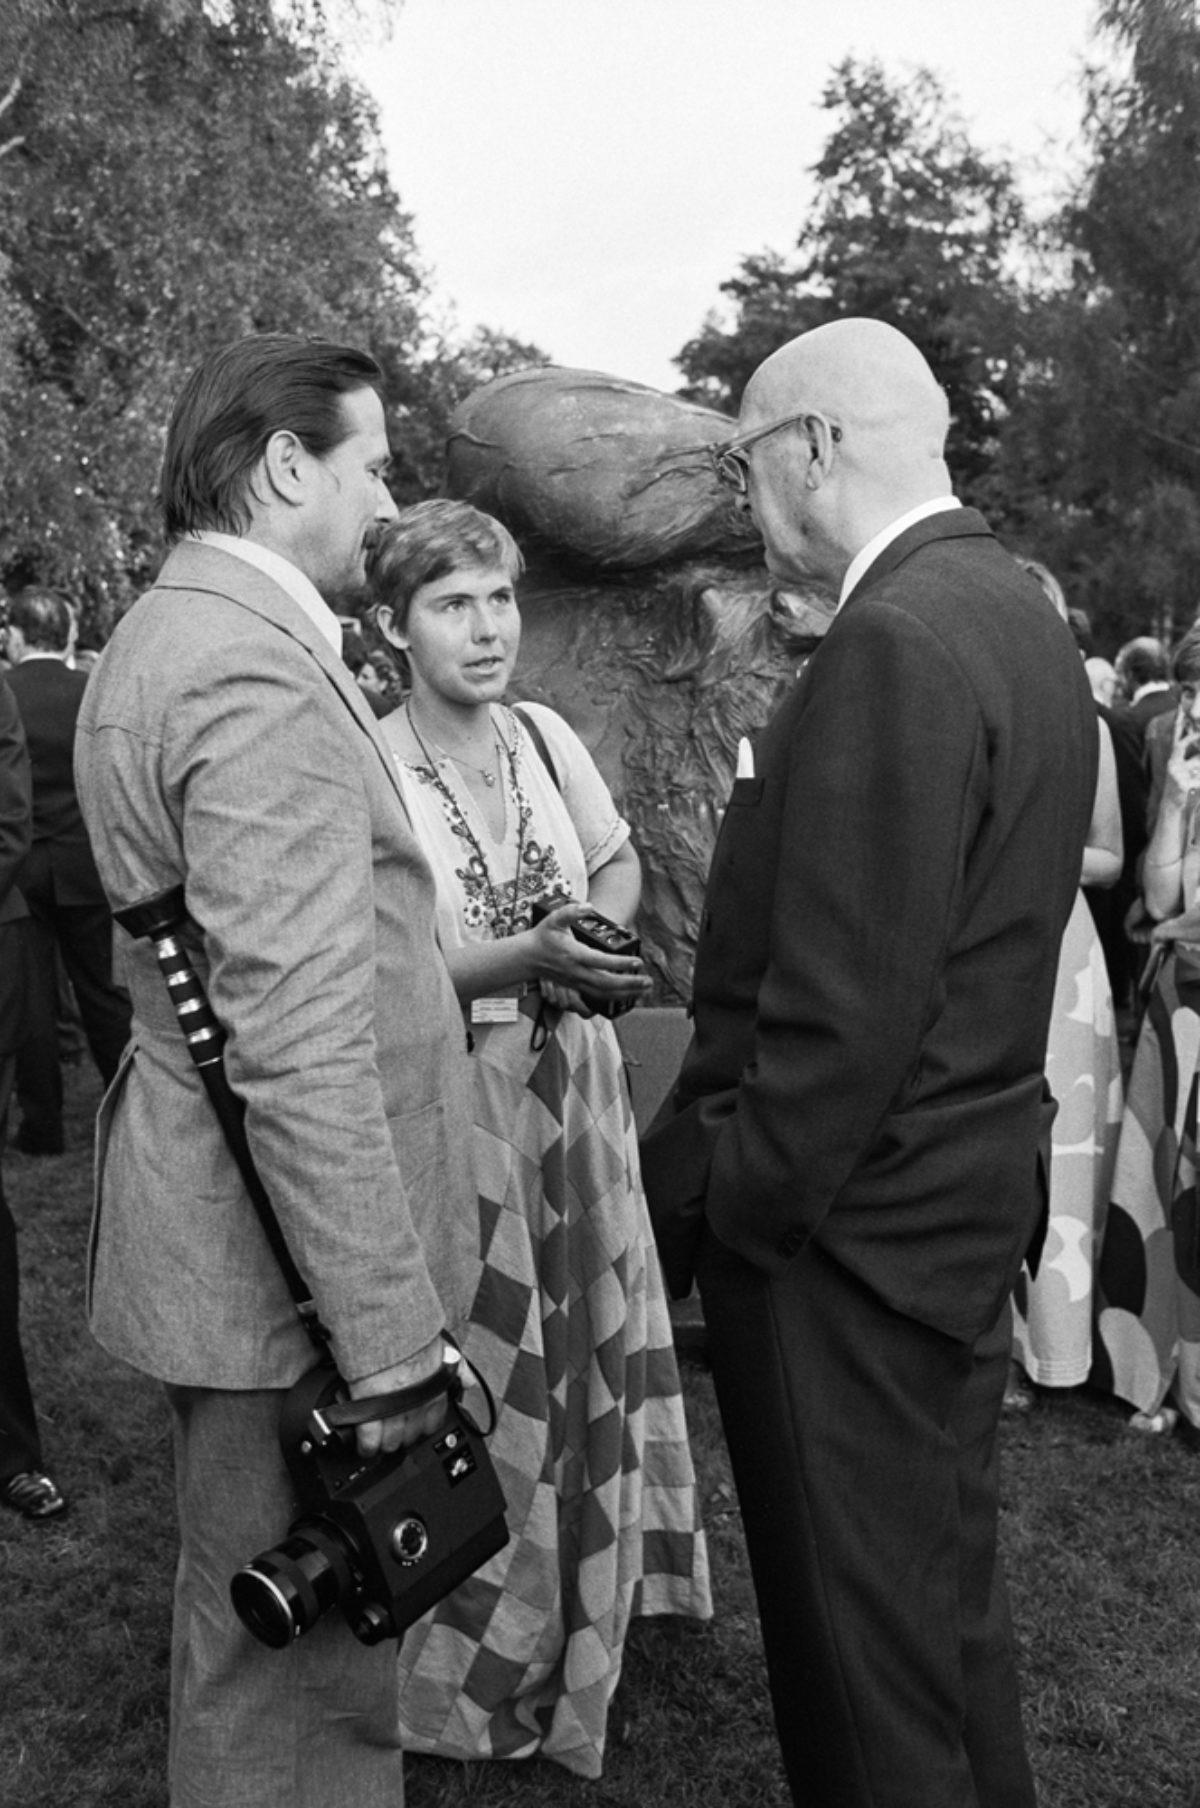 Presidentti Urho Kekkonen (oik.) keskustelee Mikko Niskasen ja Maarit Tyrkön kanssa Kalastajatorpalla Etykin aikana 31.7.1975. Kuva: PF-team / Pressfoto Zeeland / JOKA / Museovirasto